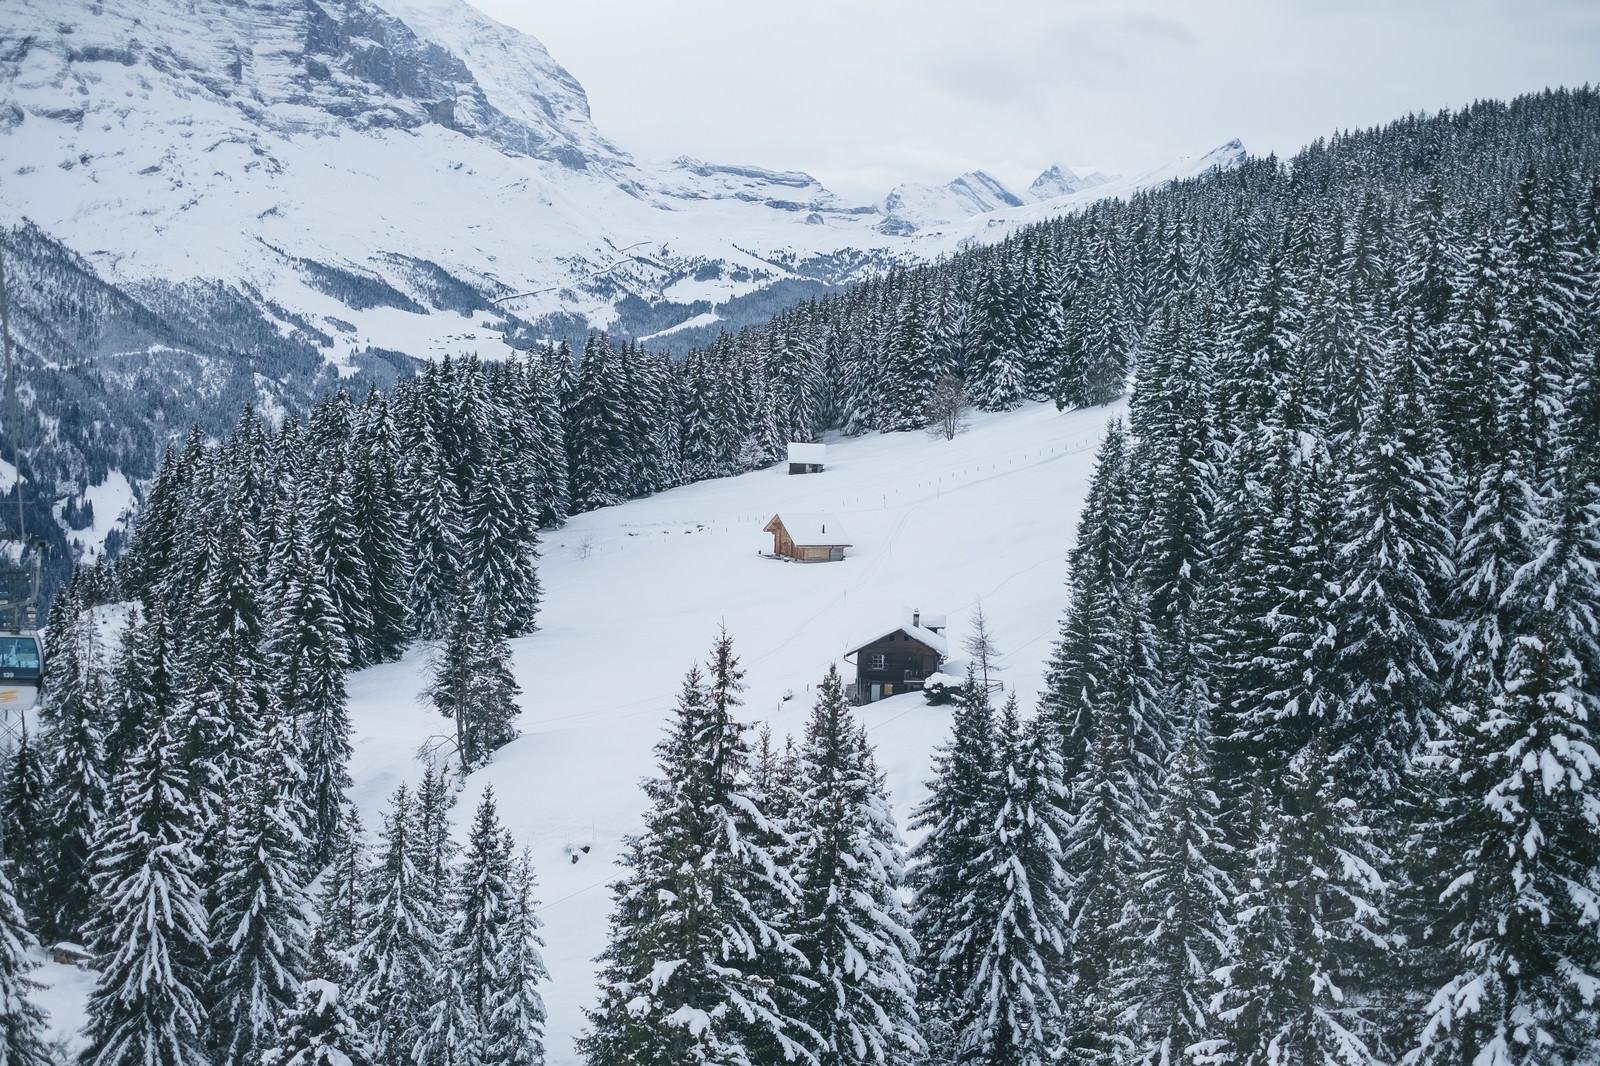 「樹木に囲まれる山小屋(雪山)樹木に囲まれる山小屋(雪山)」のフリー写真素材を拡大